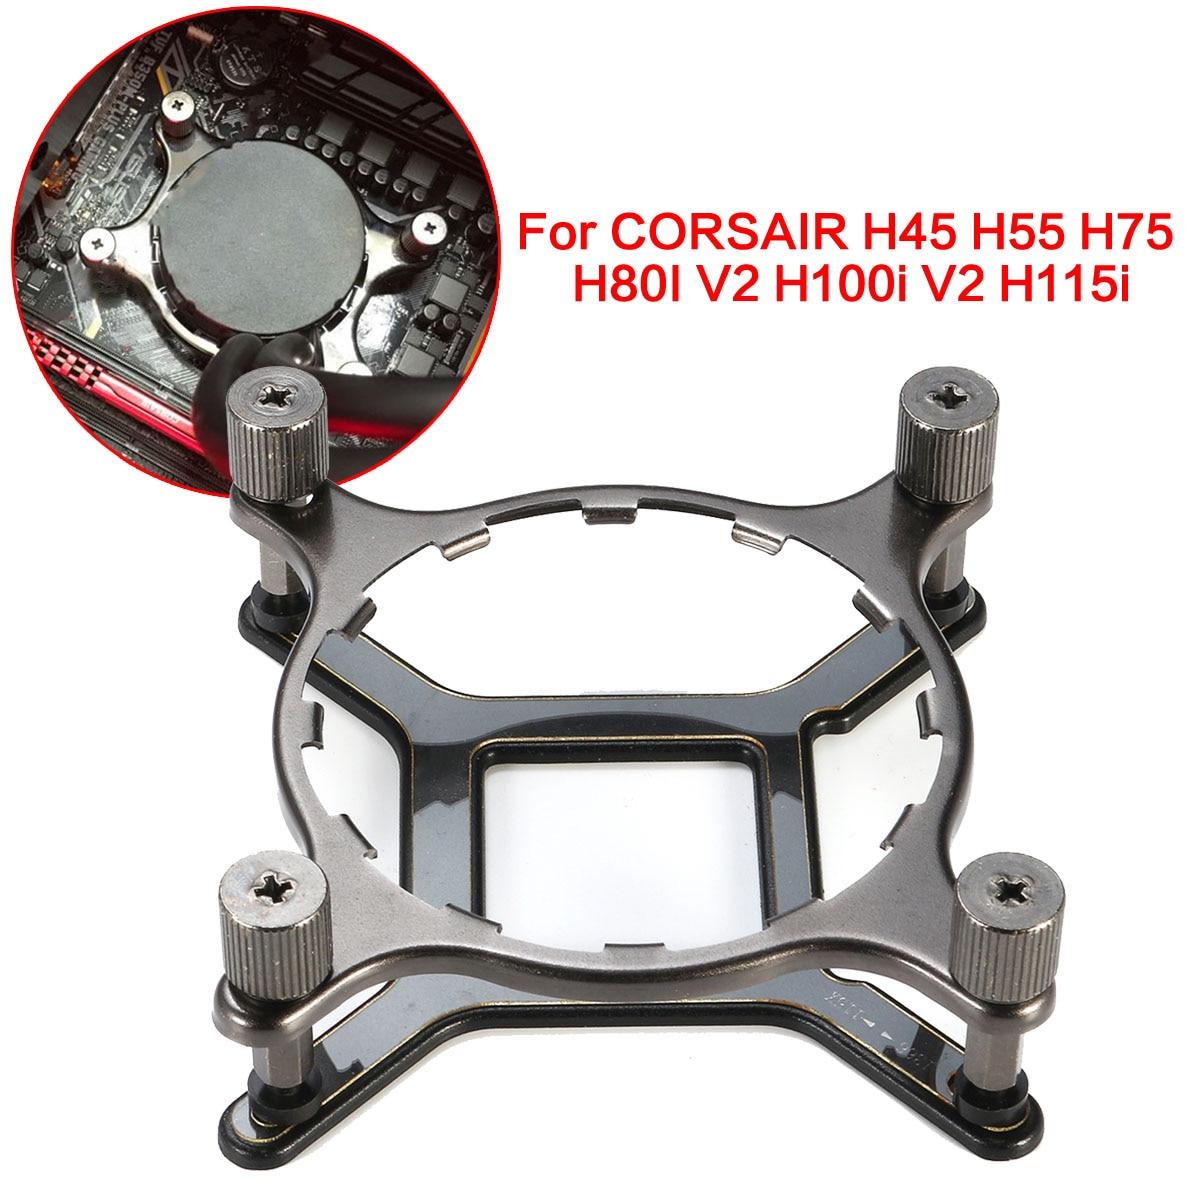 115x 1366 CPU Mounting Hardware For CORSAIR H45 H55 H75 H80I V2 H100i V2 H115i